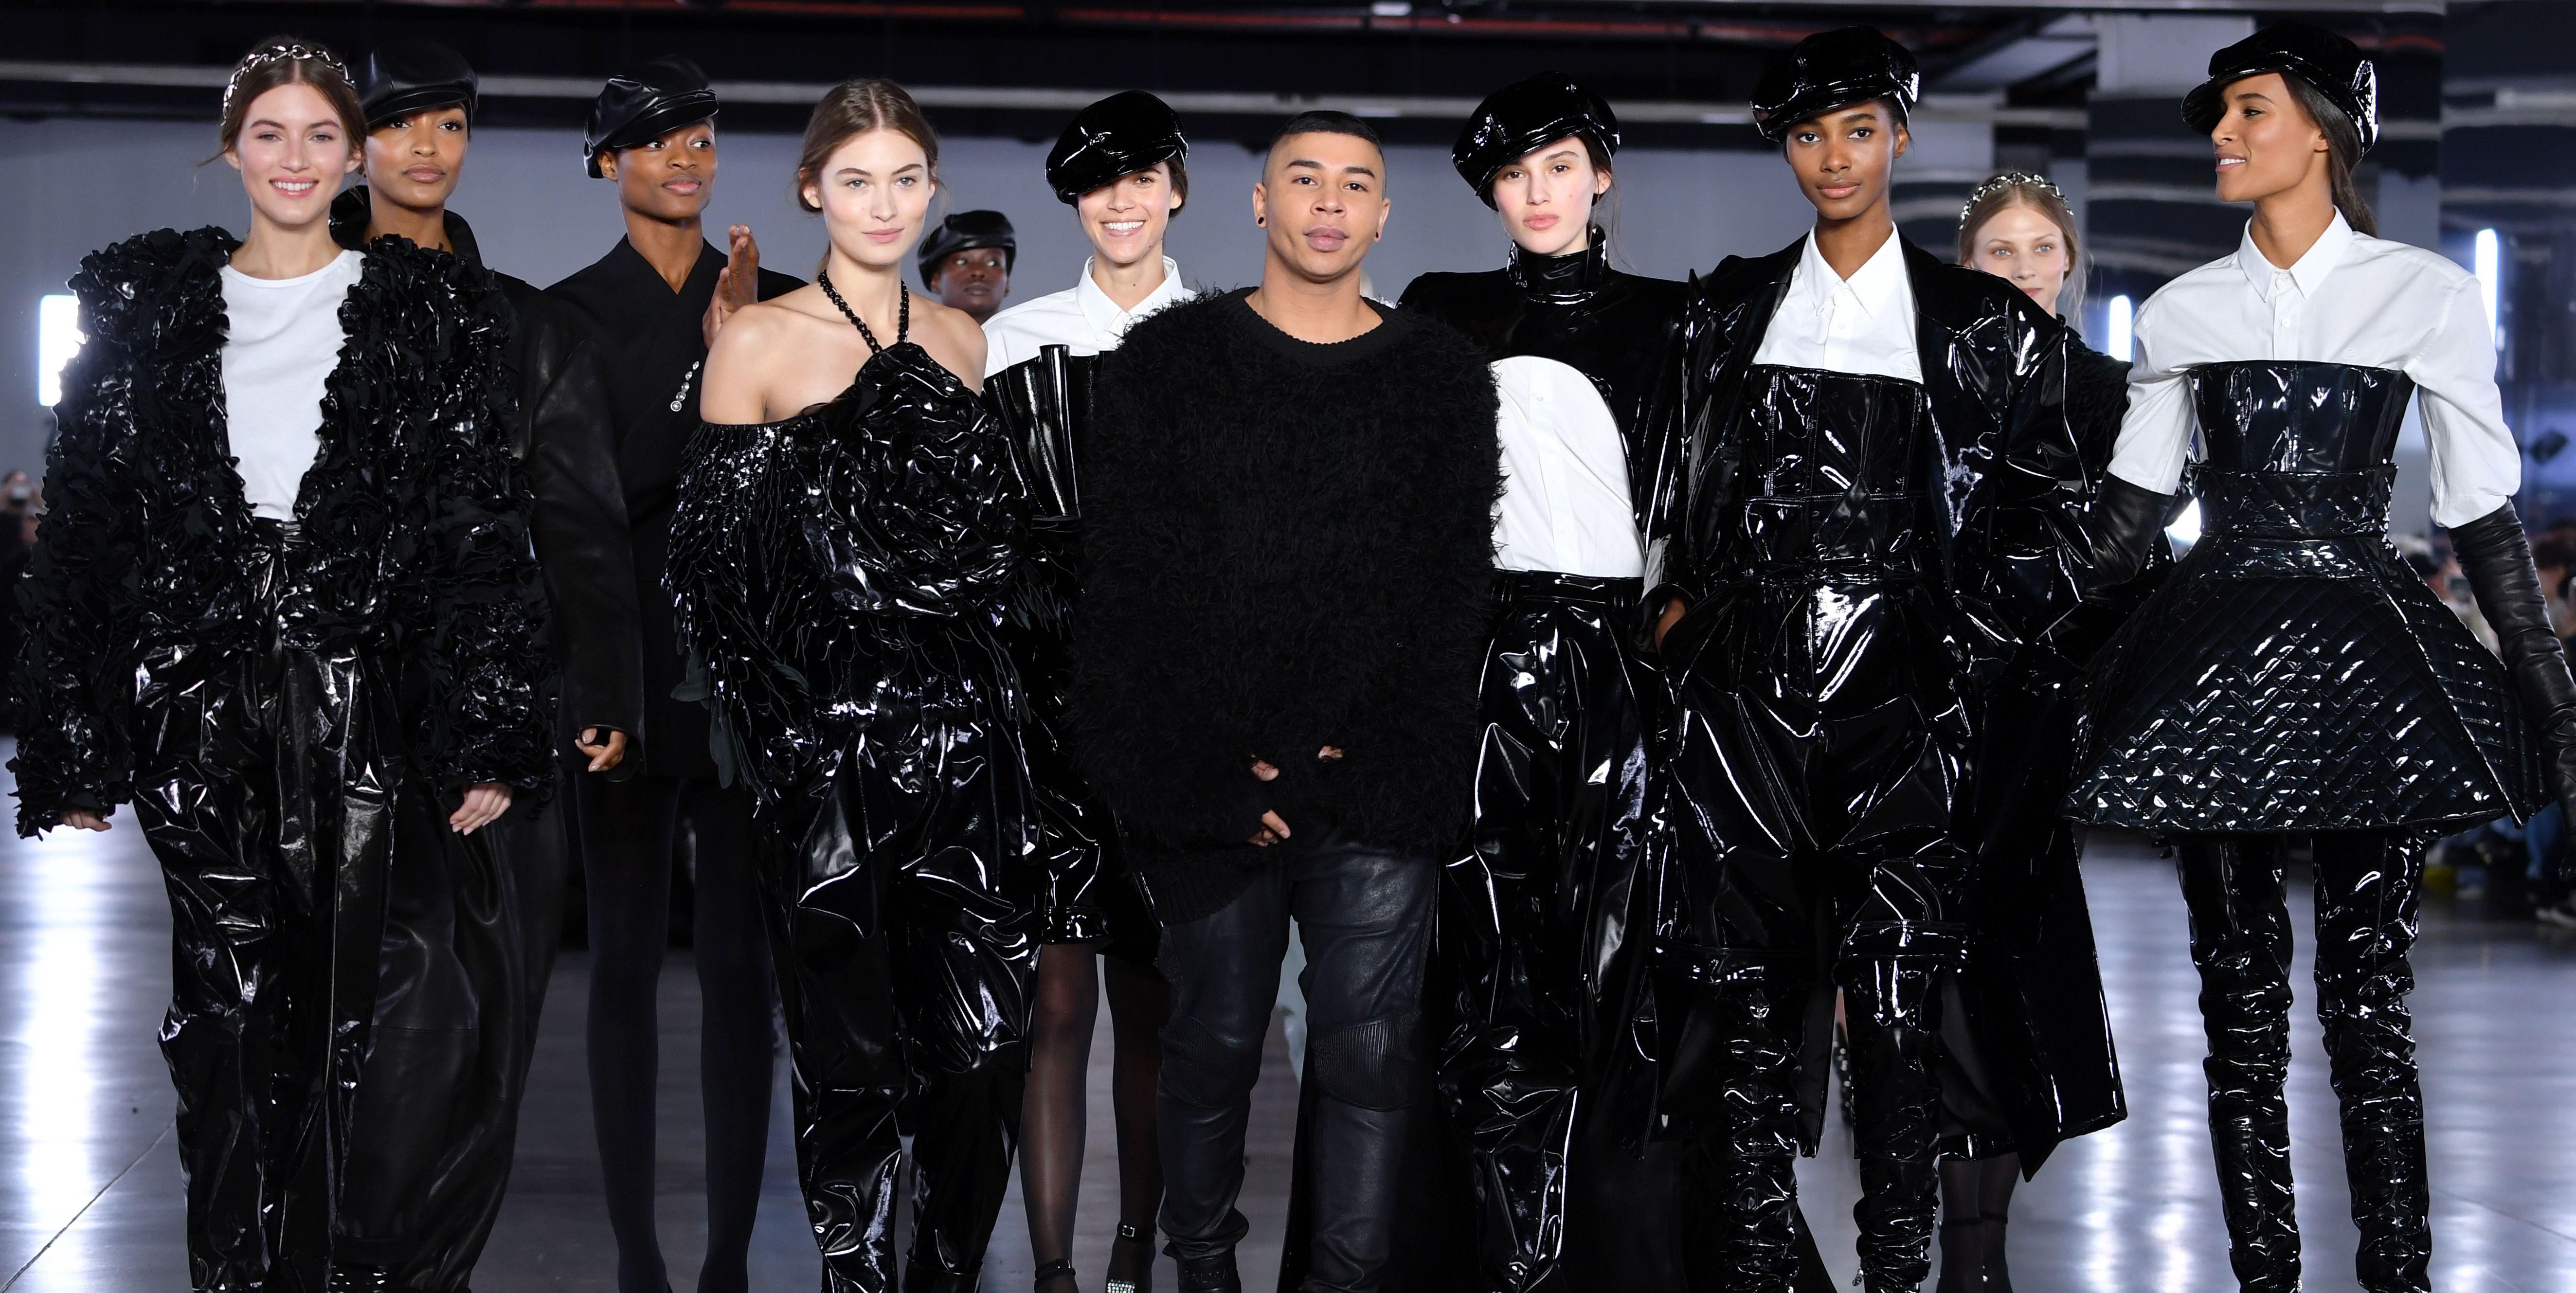 【巴黎時裝週】看完這一季 BALMAIN,你會想把所有漆皮、丹寧單品都買下來!還有這 12 顆鉚釘包!